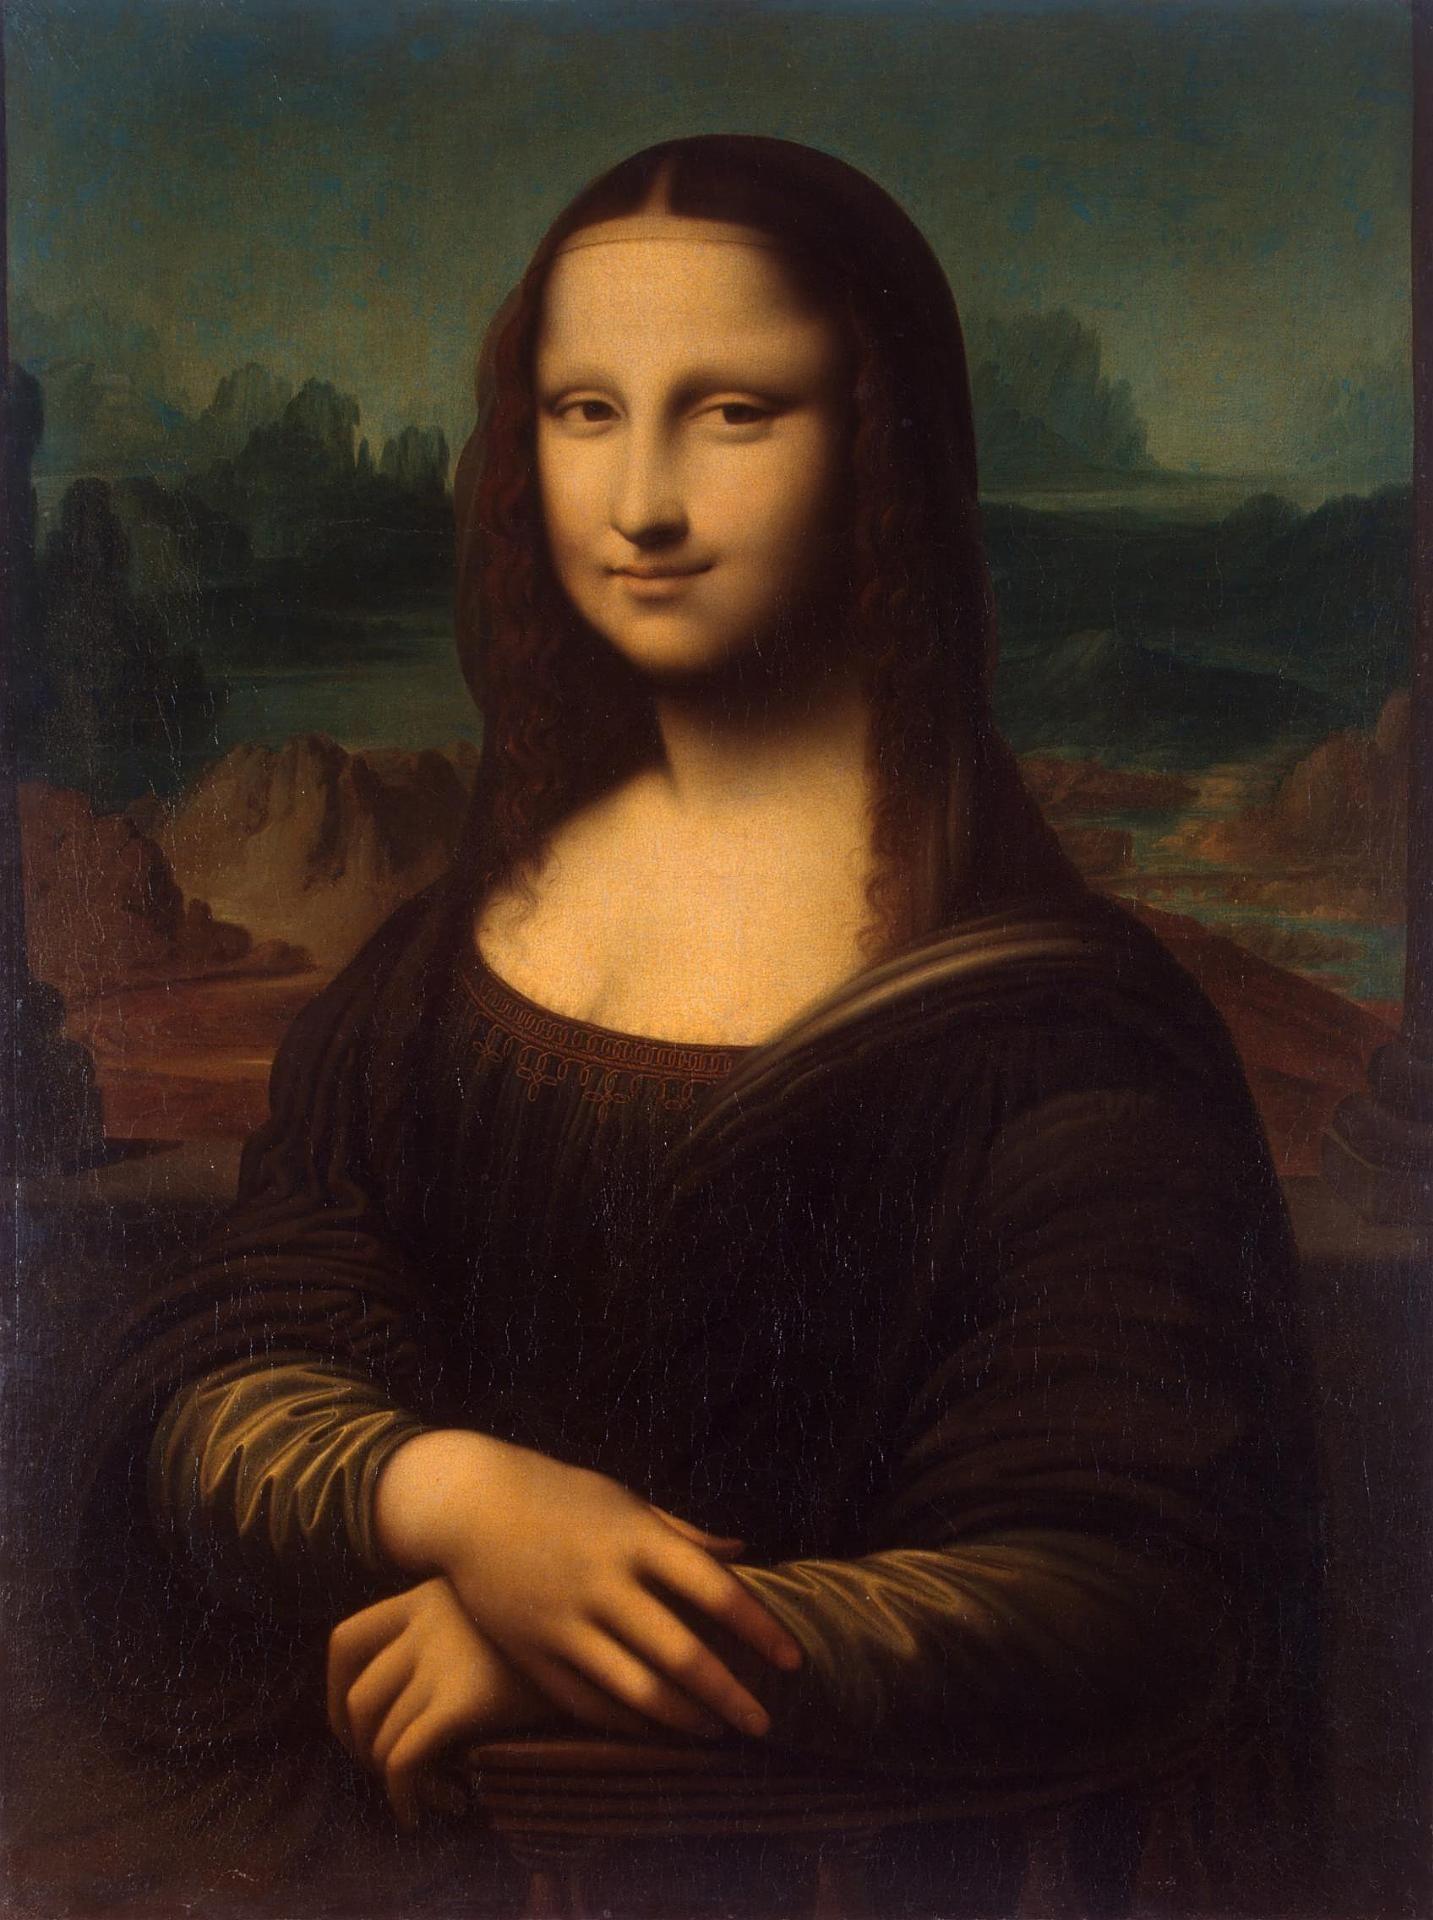 Picasso 1793 mona lisa  Aqui temos uma representação de uma figura humana neste caso a mais conhecida mona lisa .